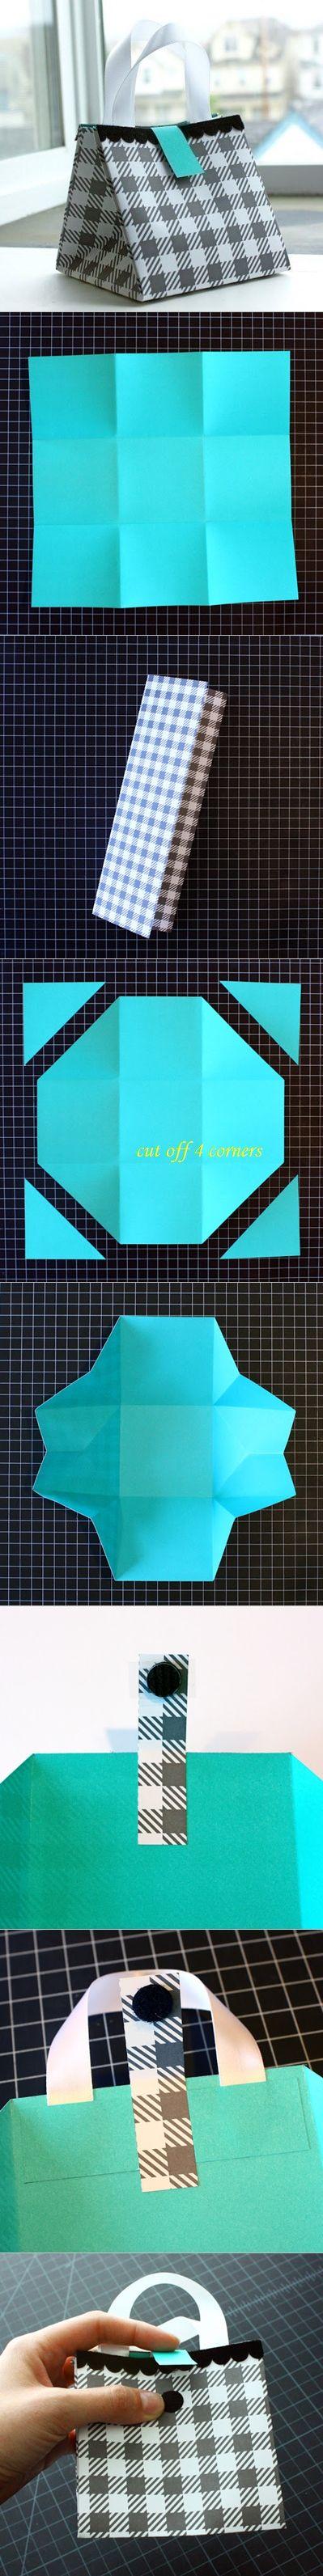 Diy Paper Bag tutorial